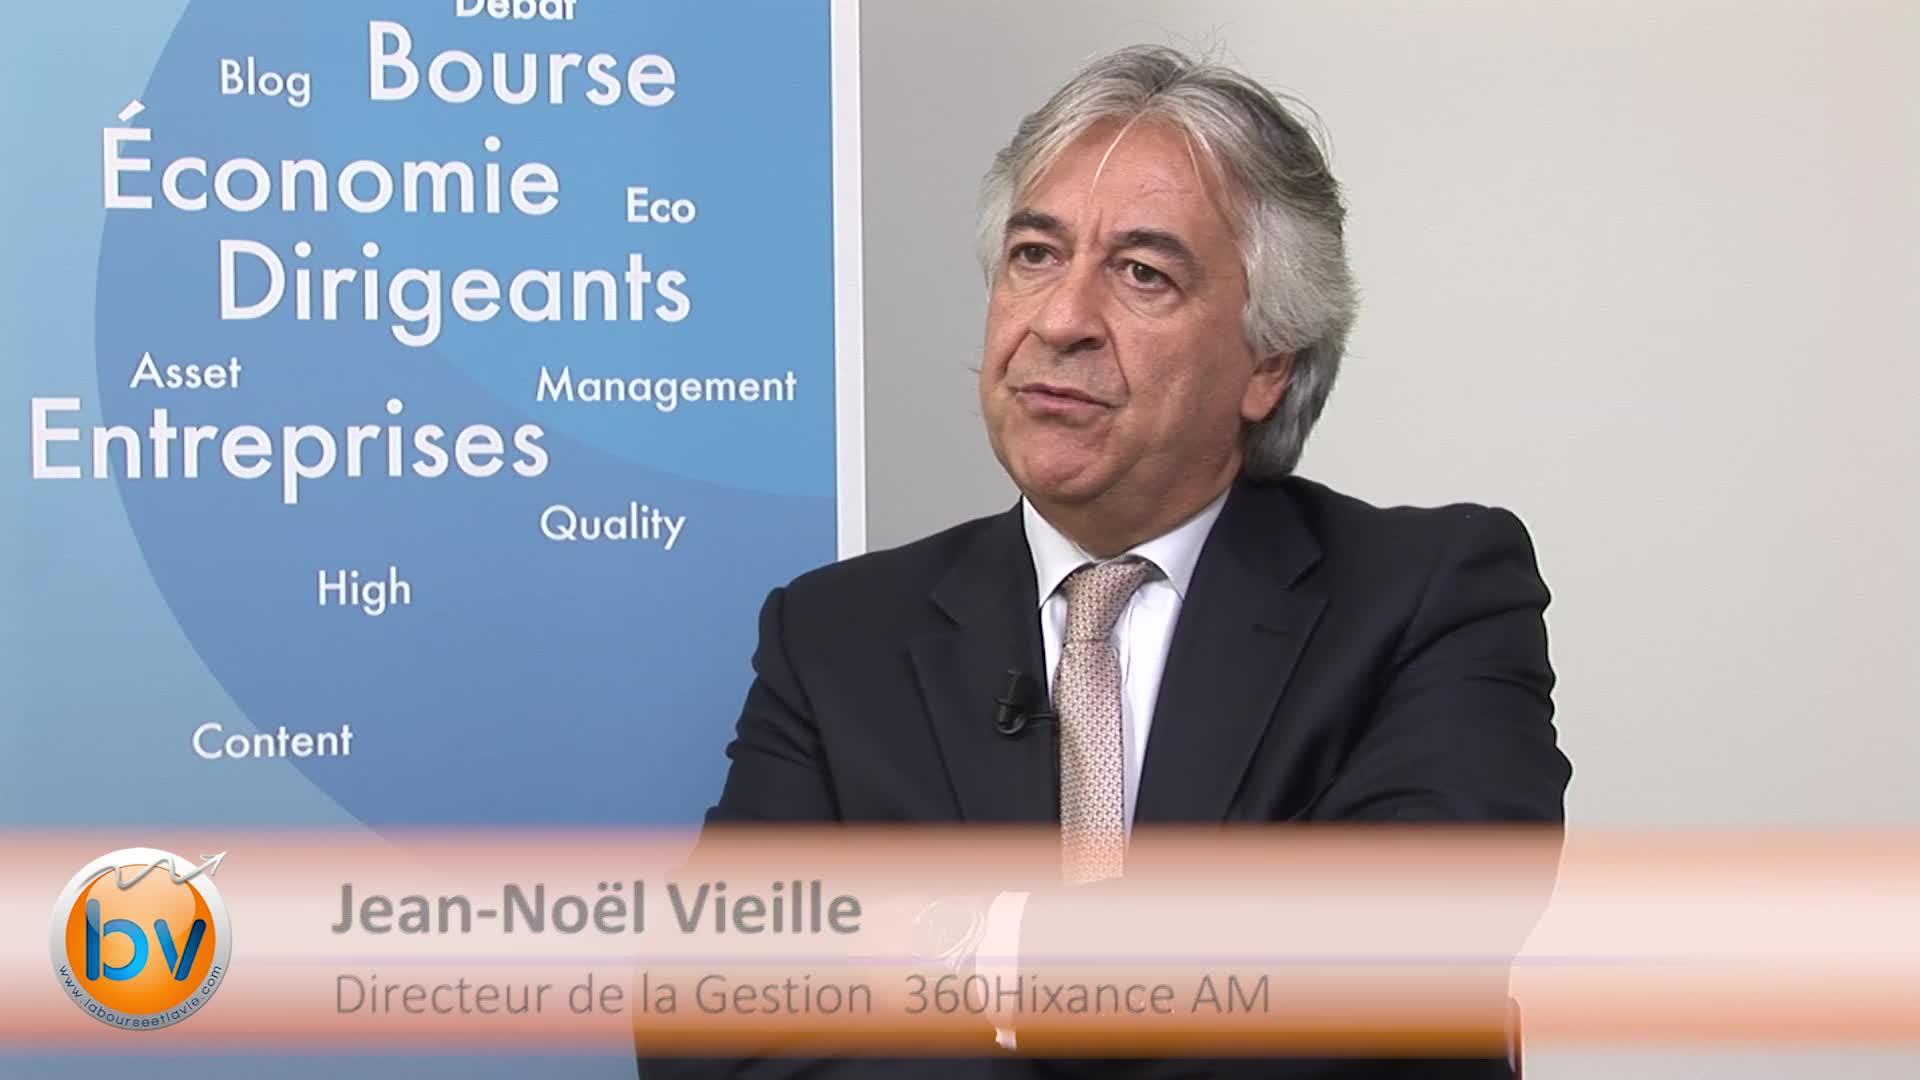 Jean-Noël Vieille Directeur de la Gestion 360Hixance AM : «Je reste assez intéressé par le marché américain»